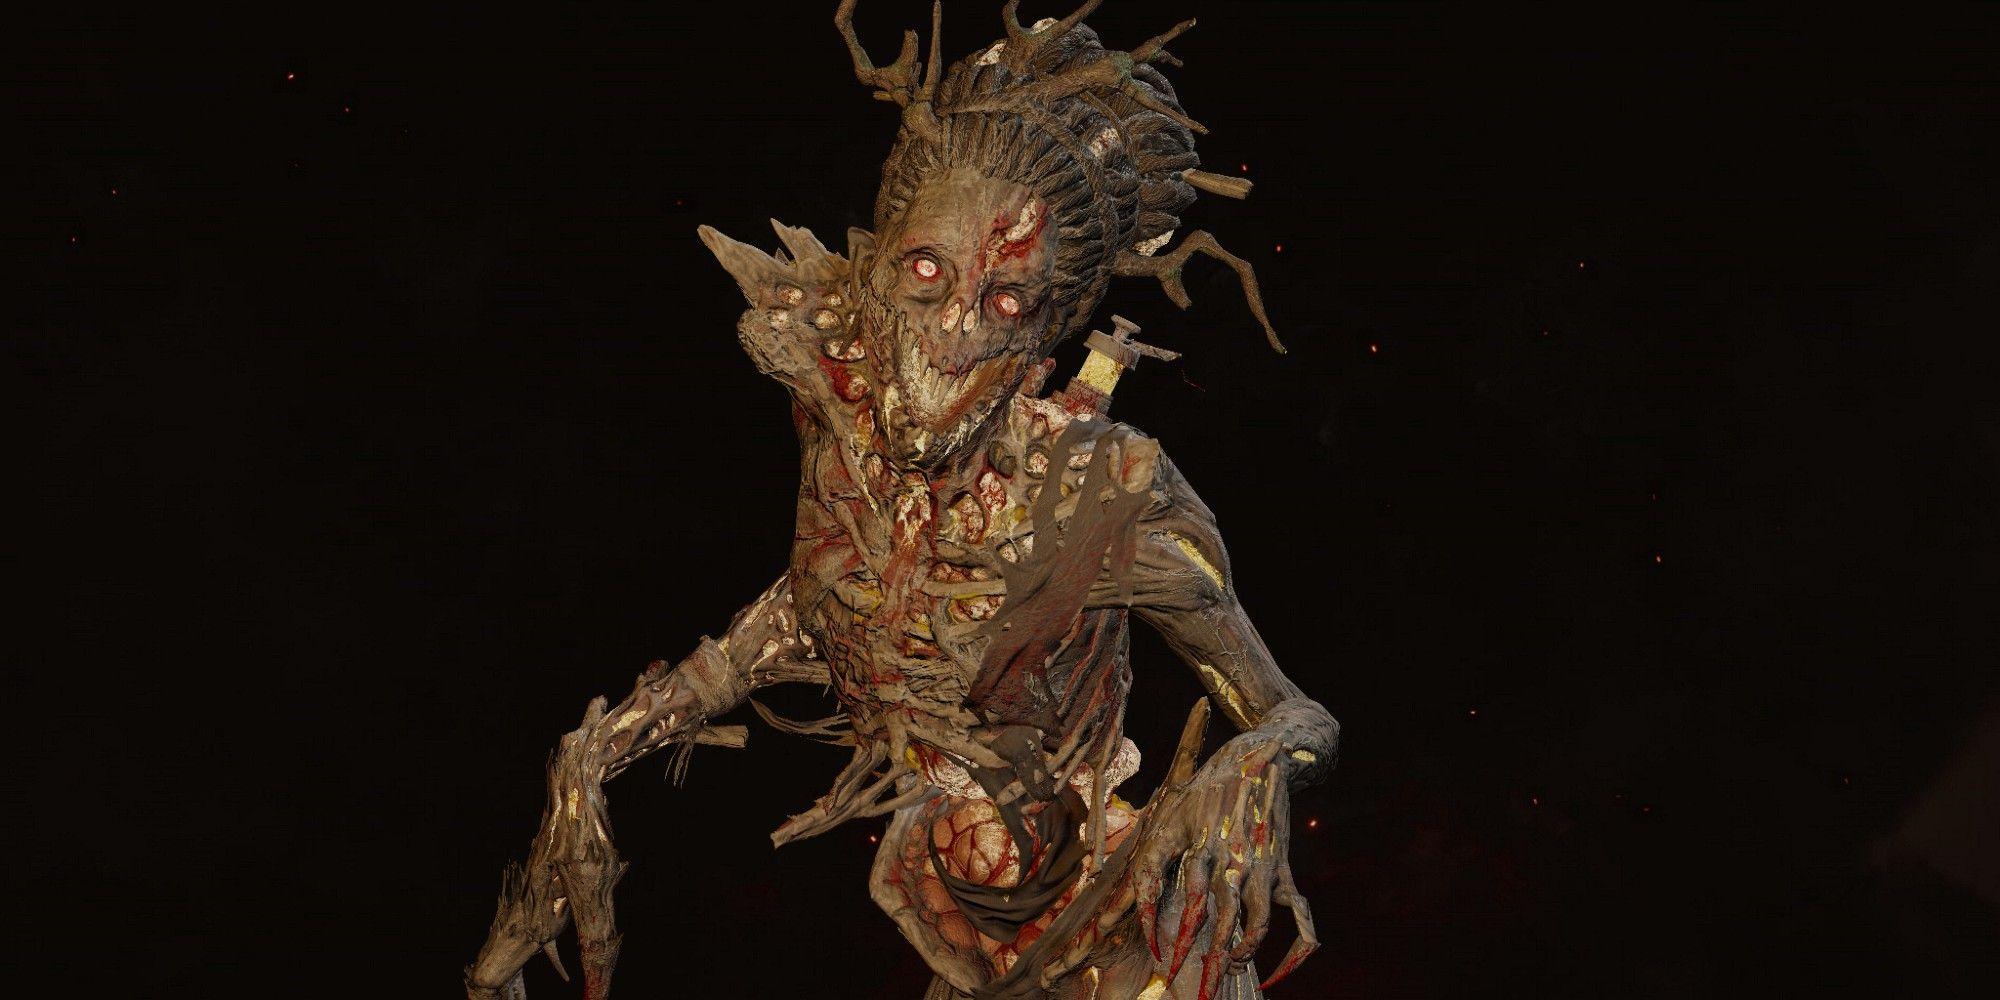 Dead By Daylight Hag Blight skin